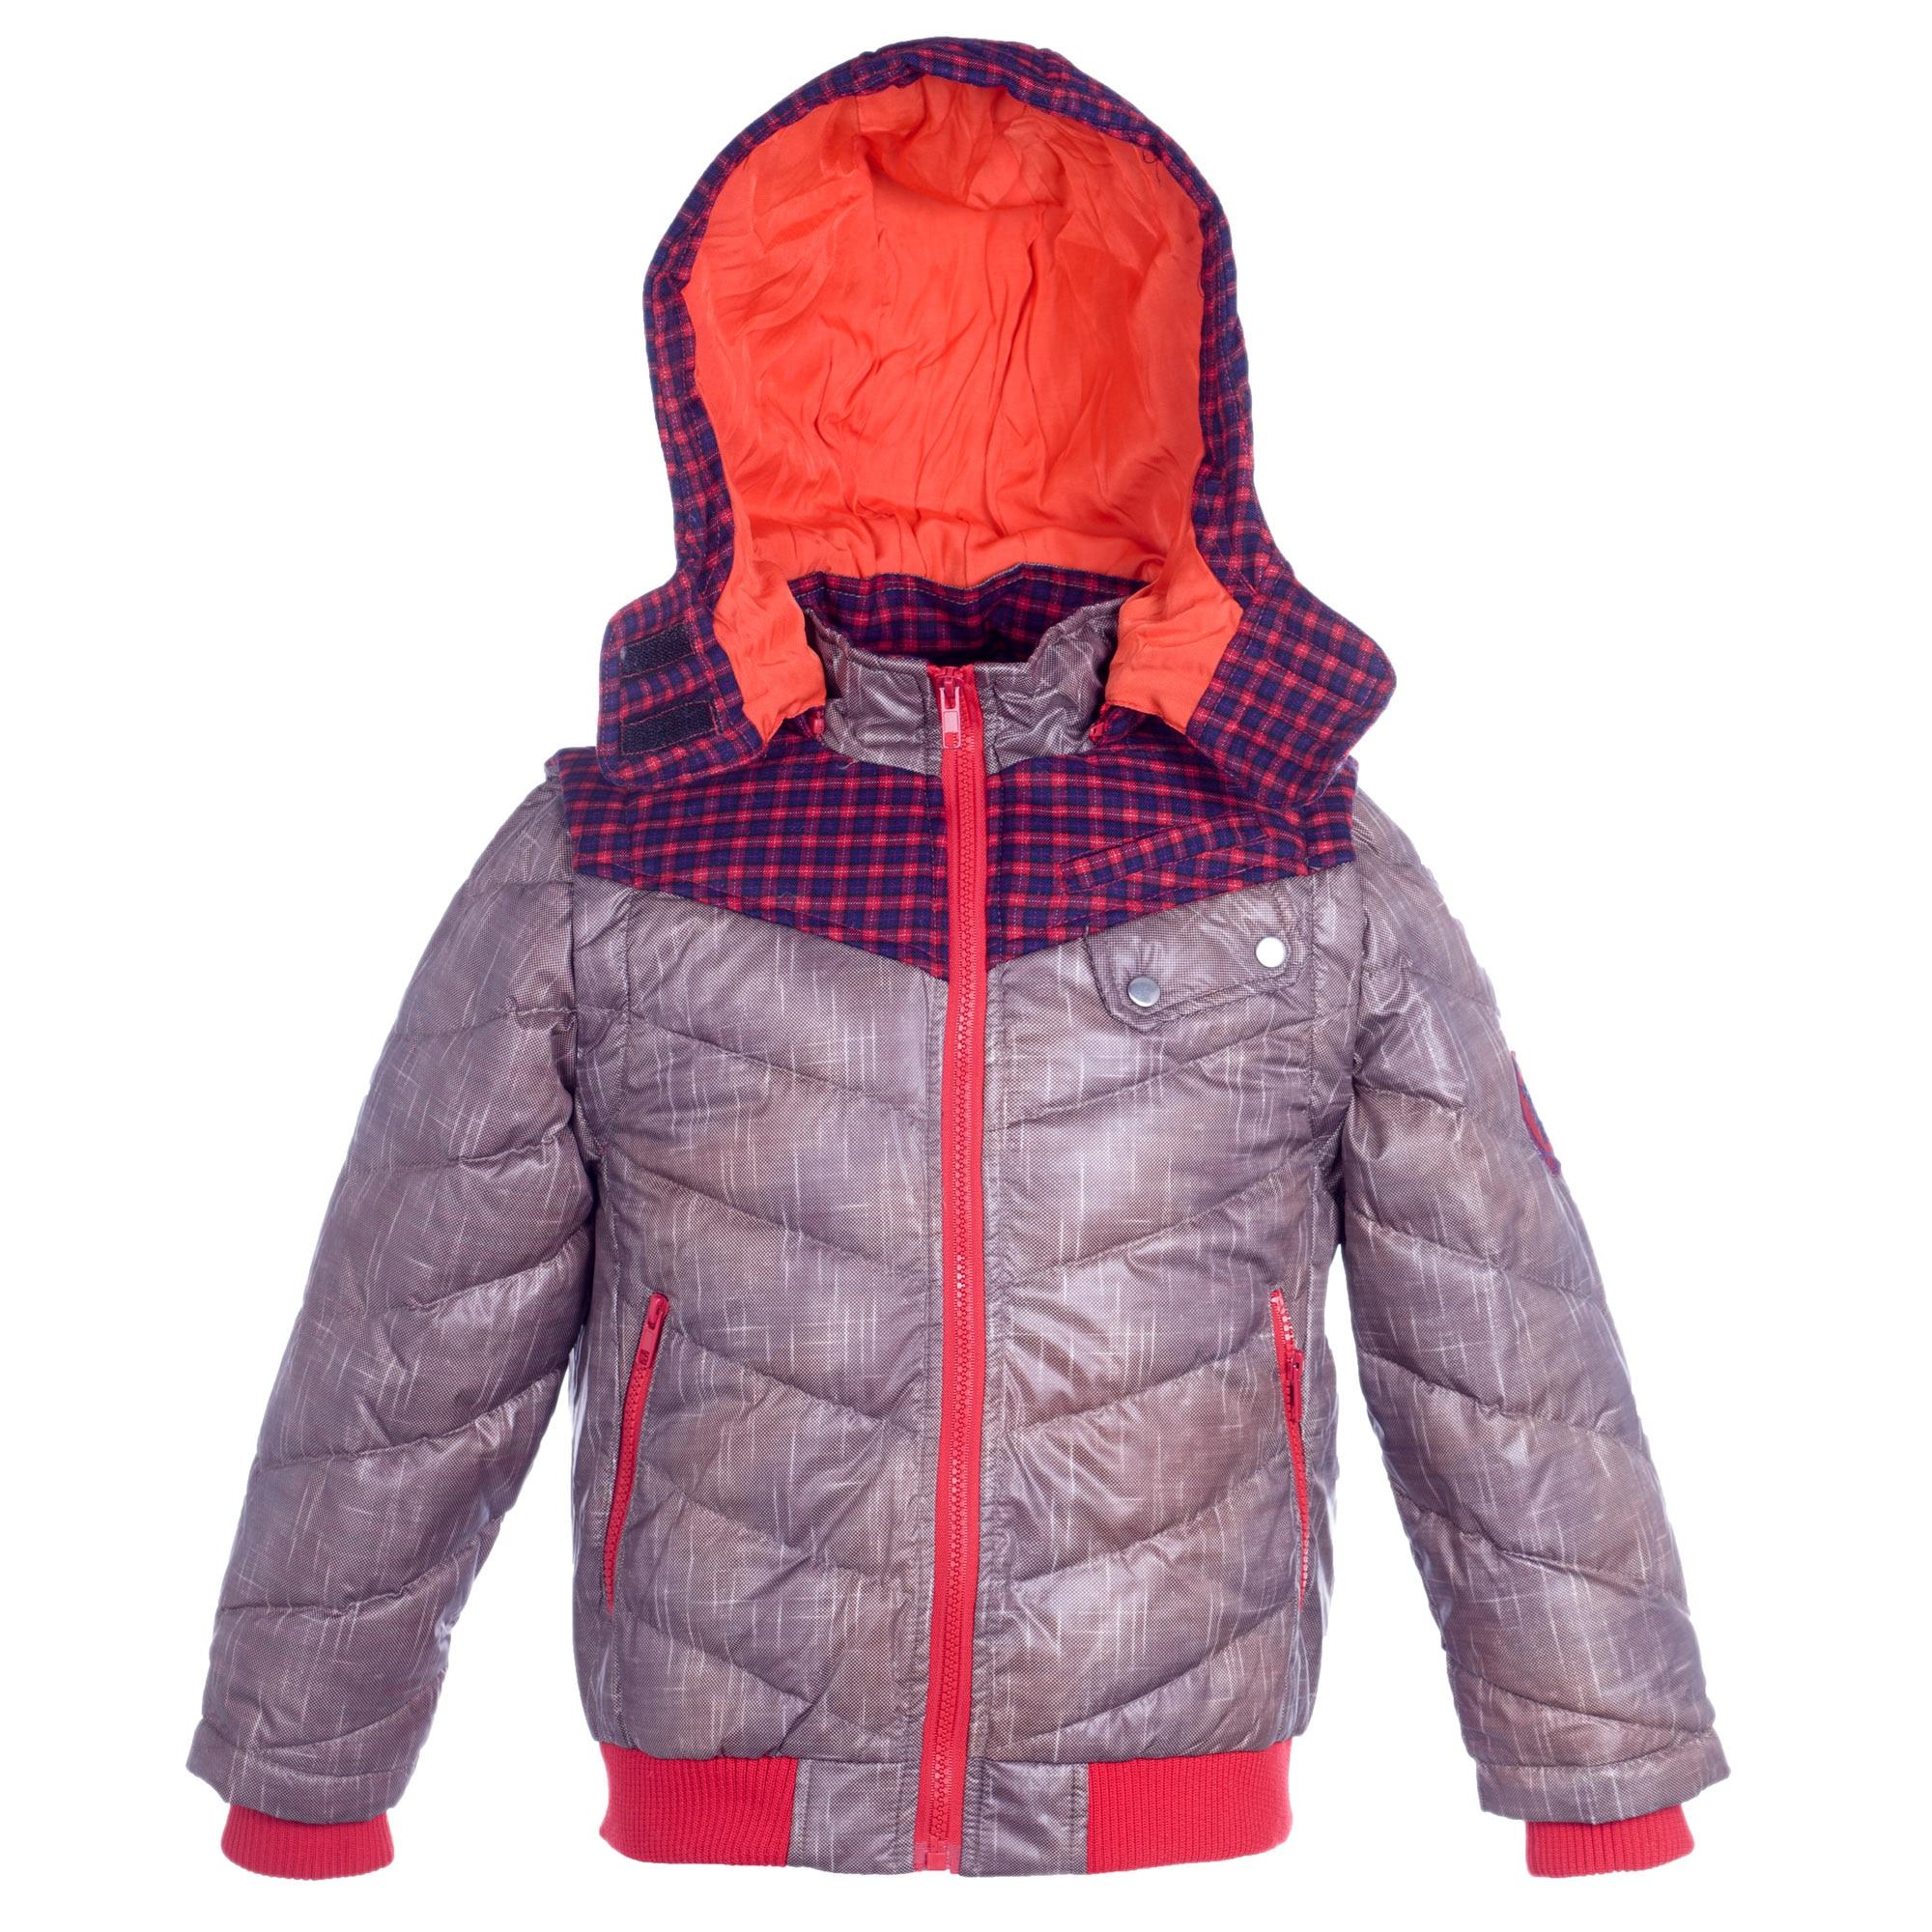 online cheap winter coat boy 13 years aliexpress #0: children font b winter b font jackets parkas thicken warm font b boys b font girls